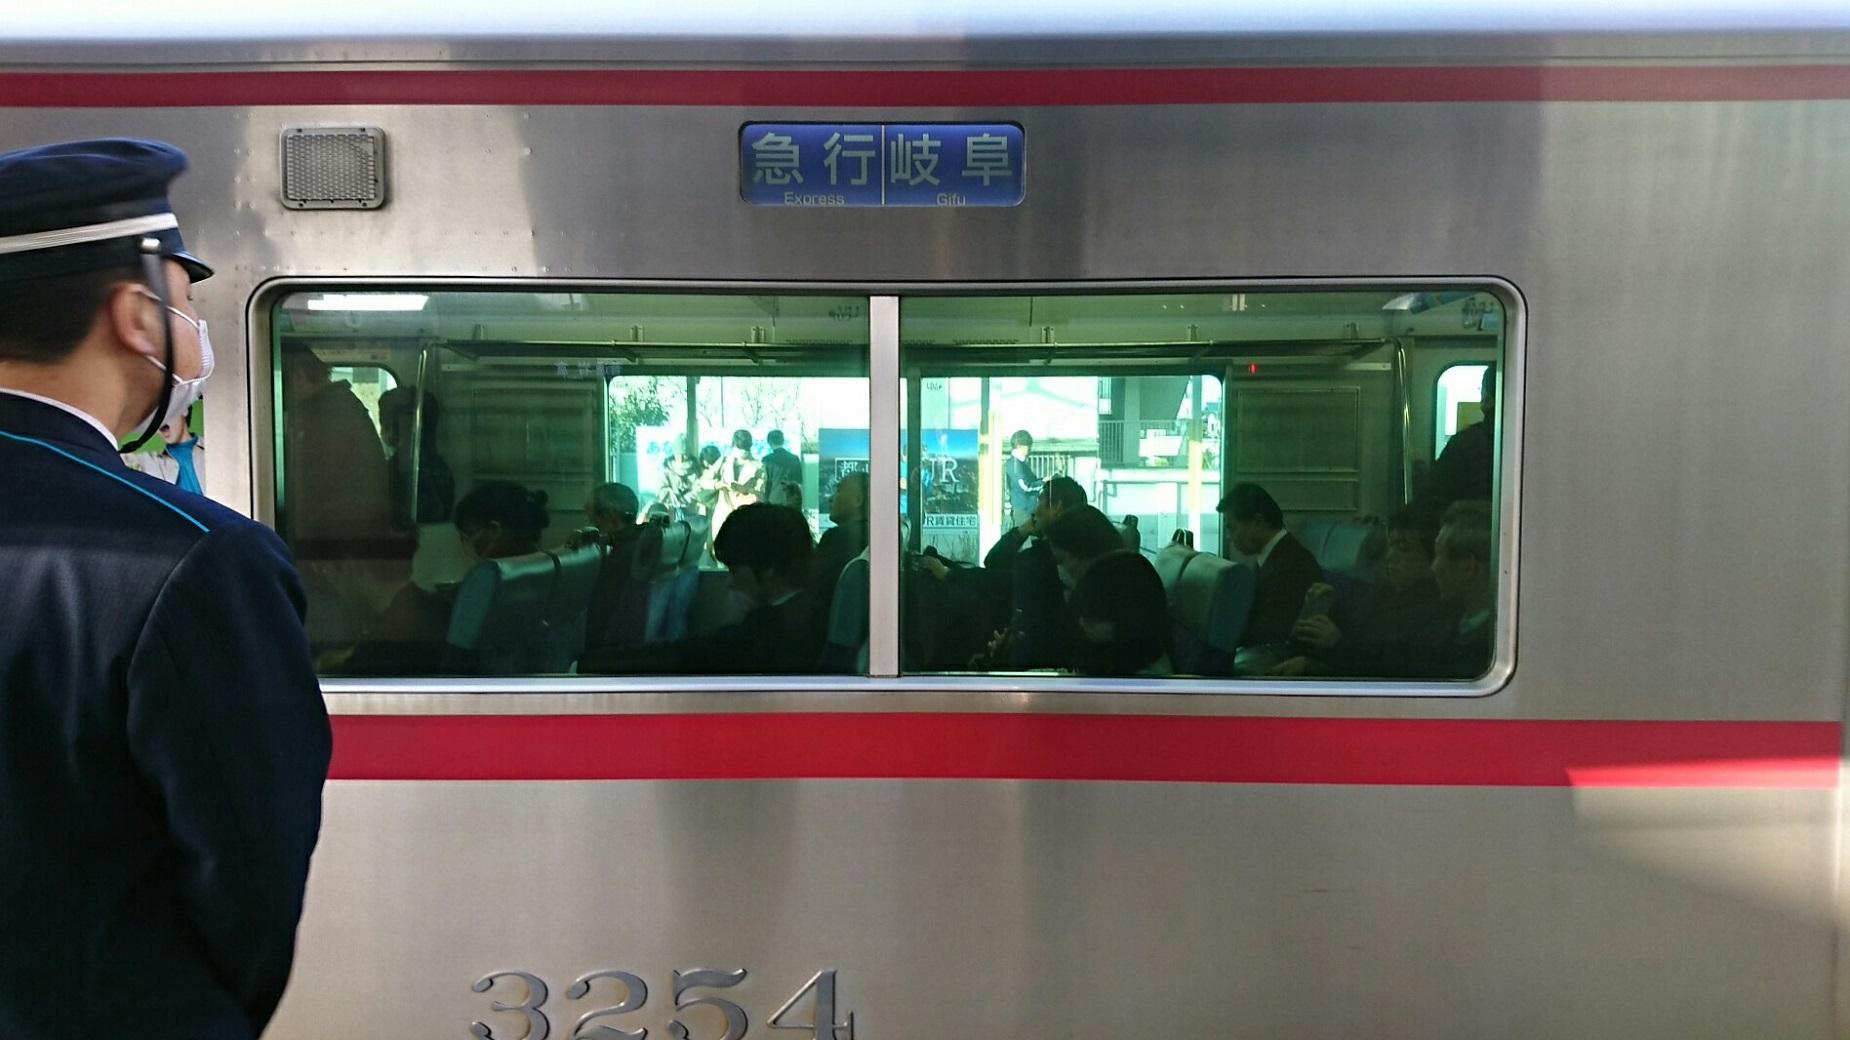 2018.3.23 東海道線 (75) しんあんじょう - 岐阜いき急行 1850-1040